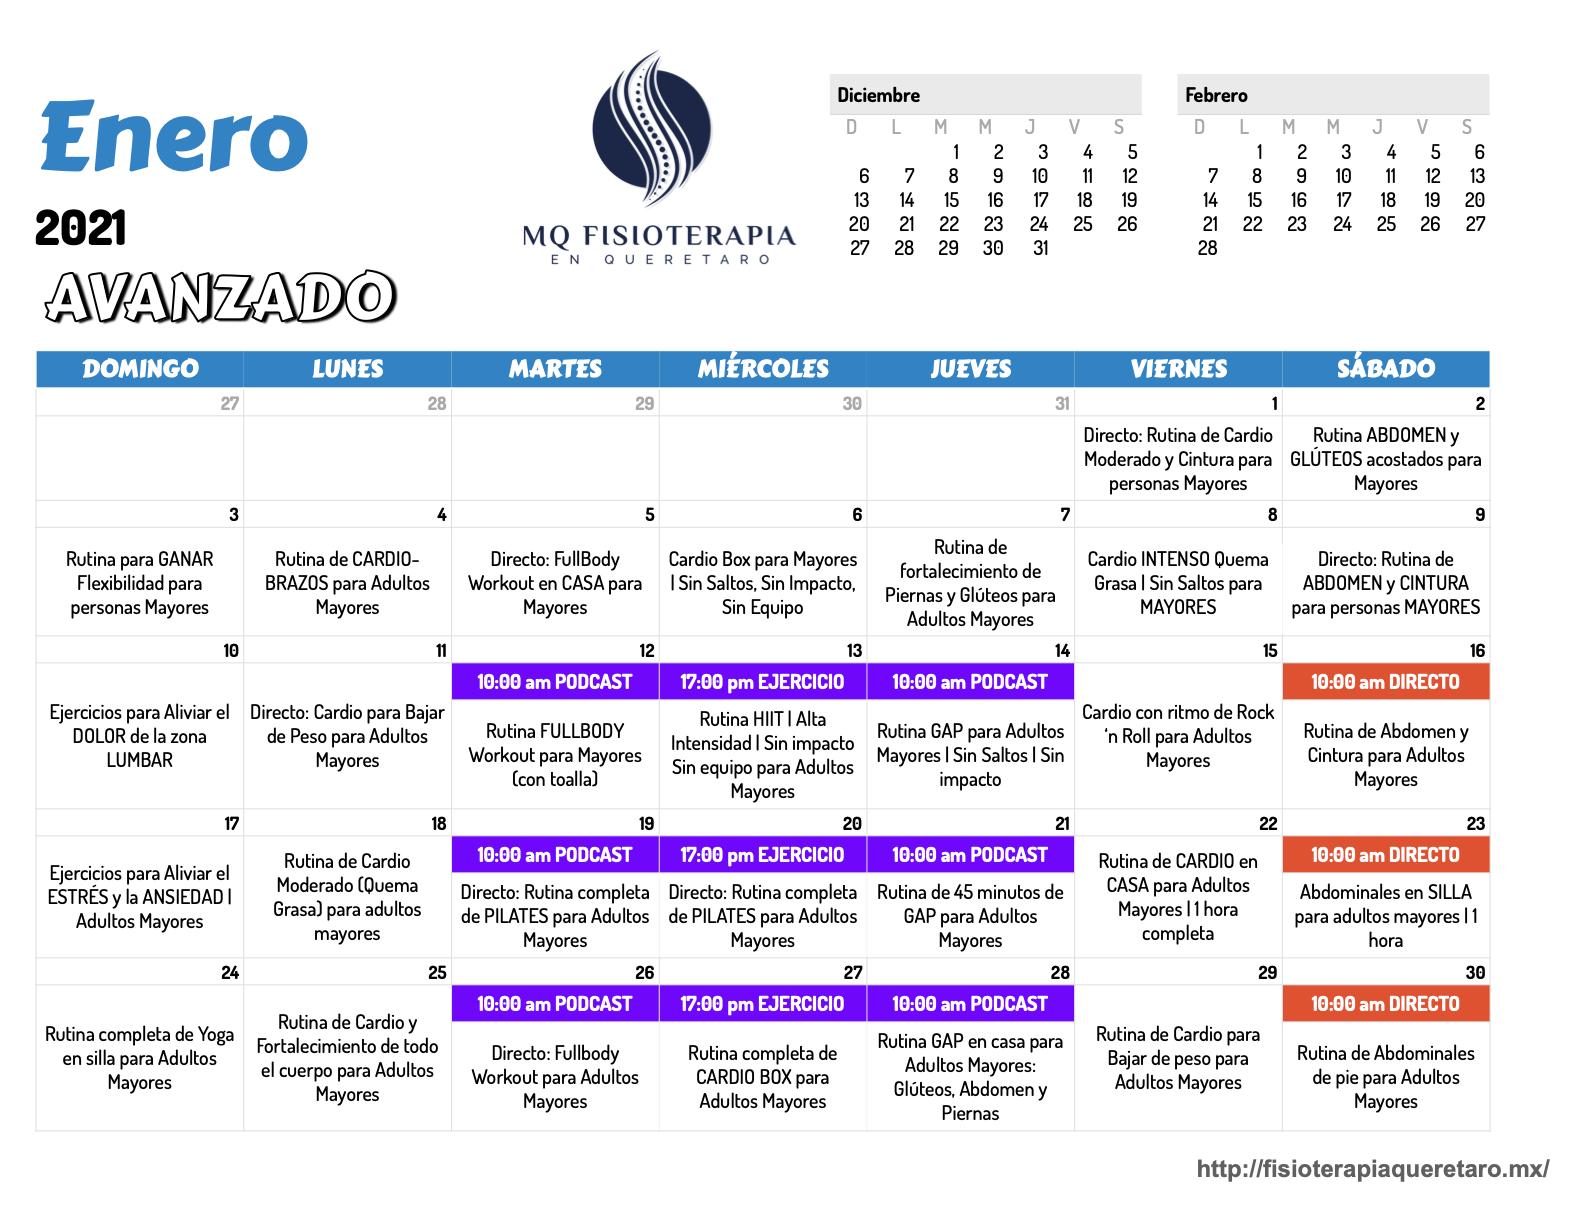 calendario-avanzado-enero-2021